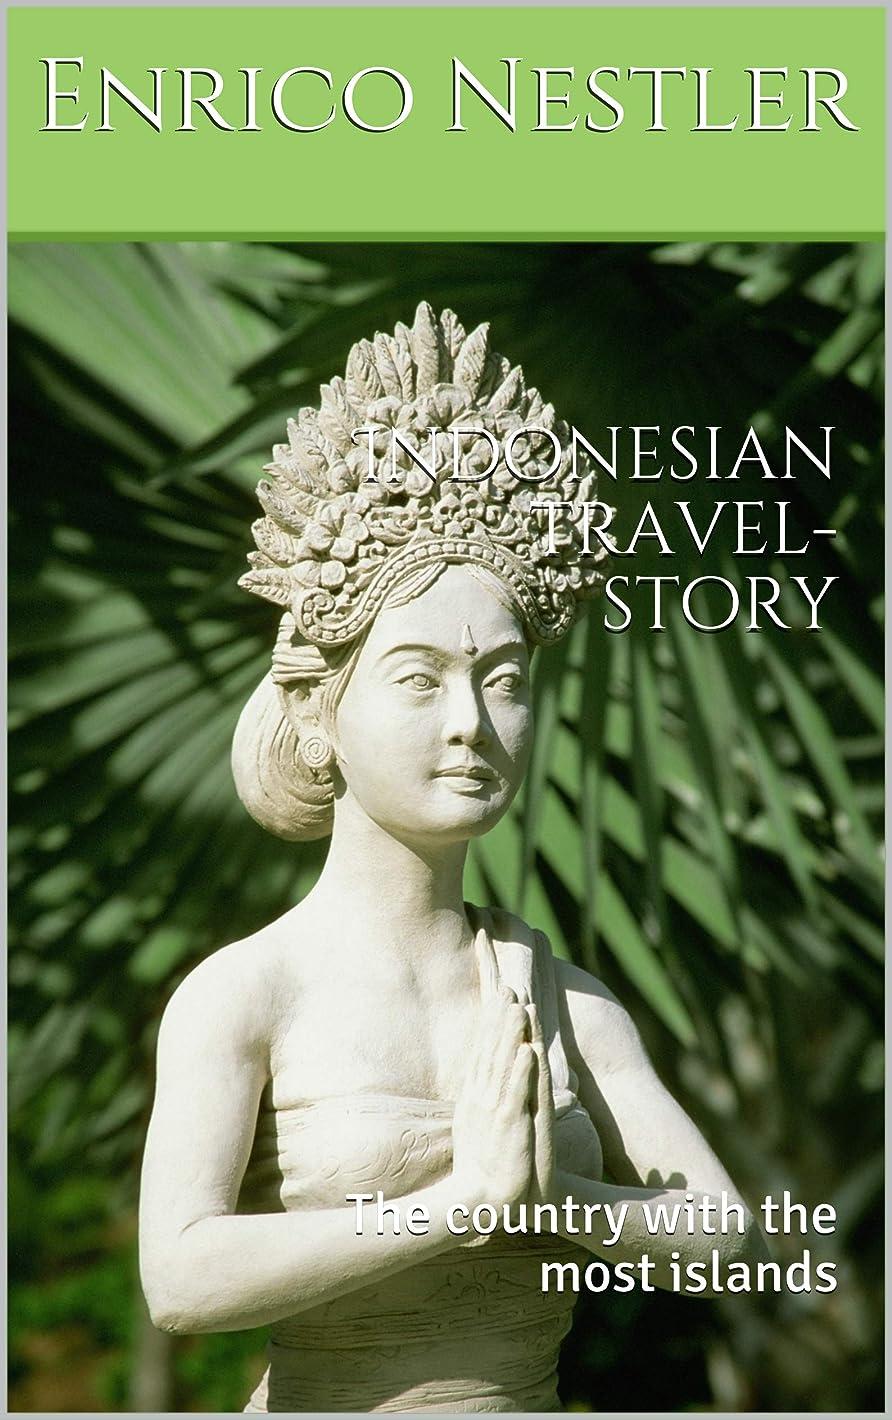 残る適度に応答Indonesian travel-story: The country with the most islands (SouthEast-Asia Book 10) (English Edition)